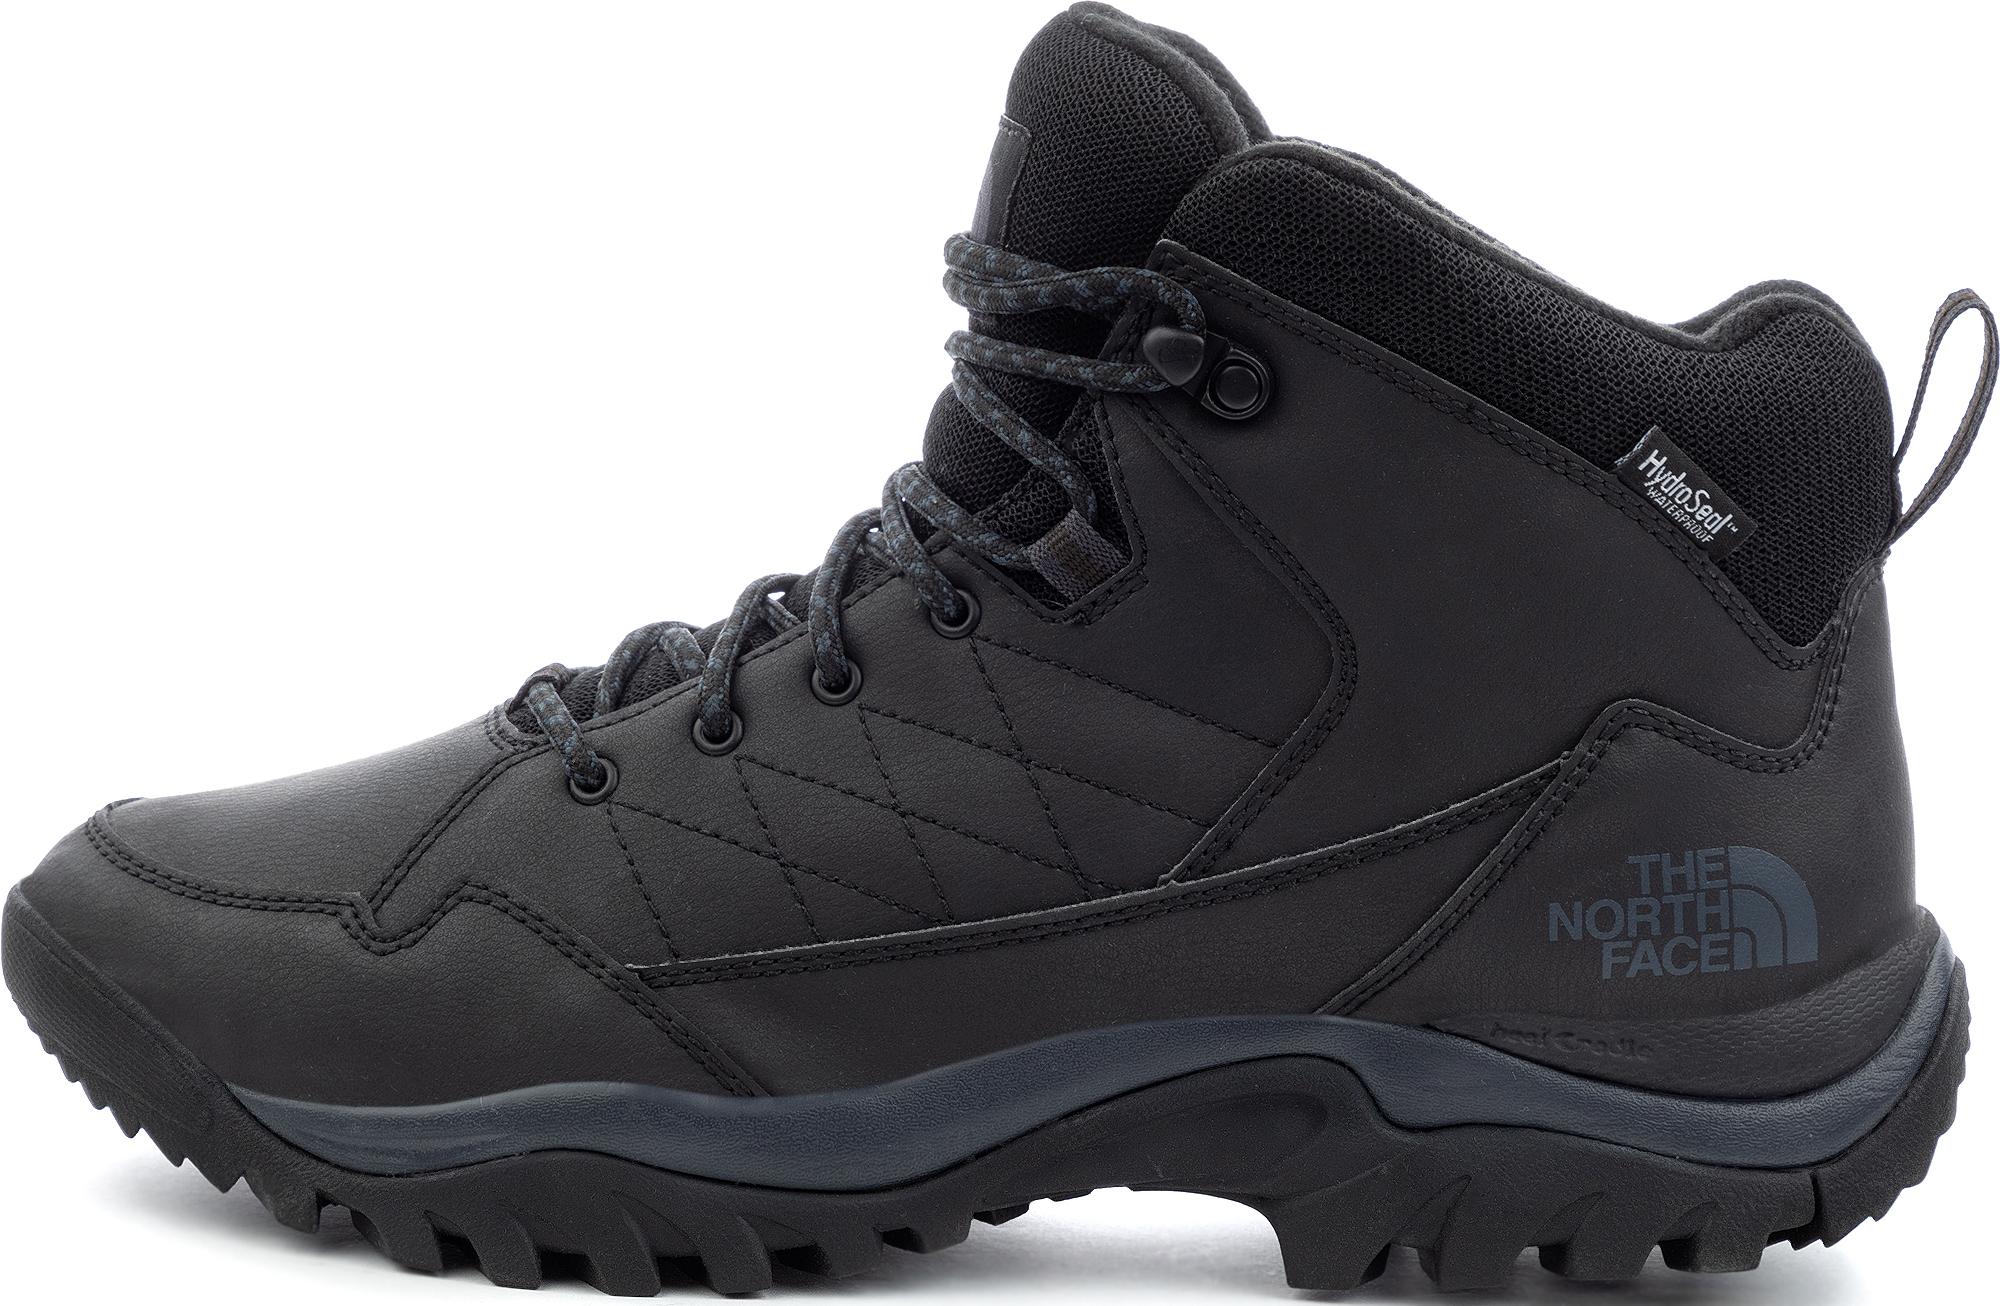 The North Face Ботинки утепленные мужские Strike II, размер 45